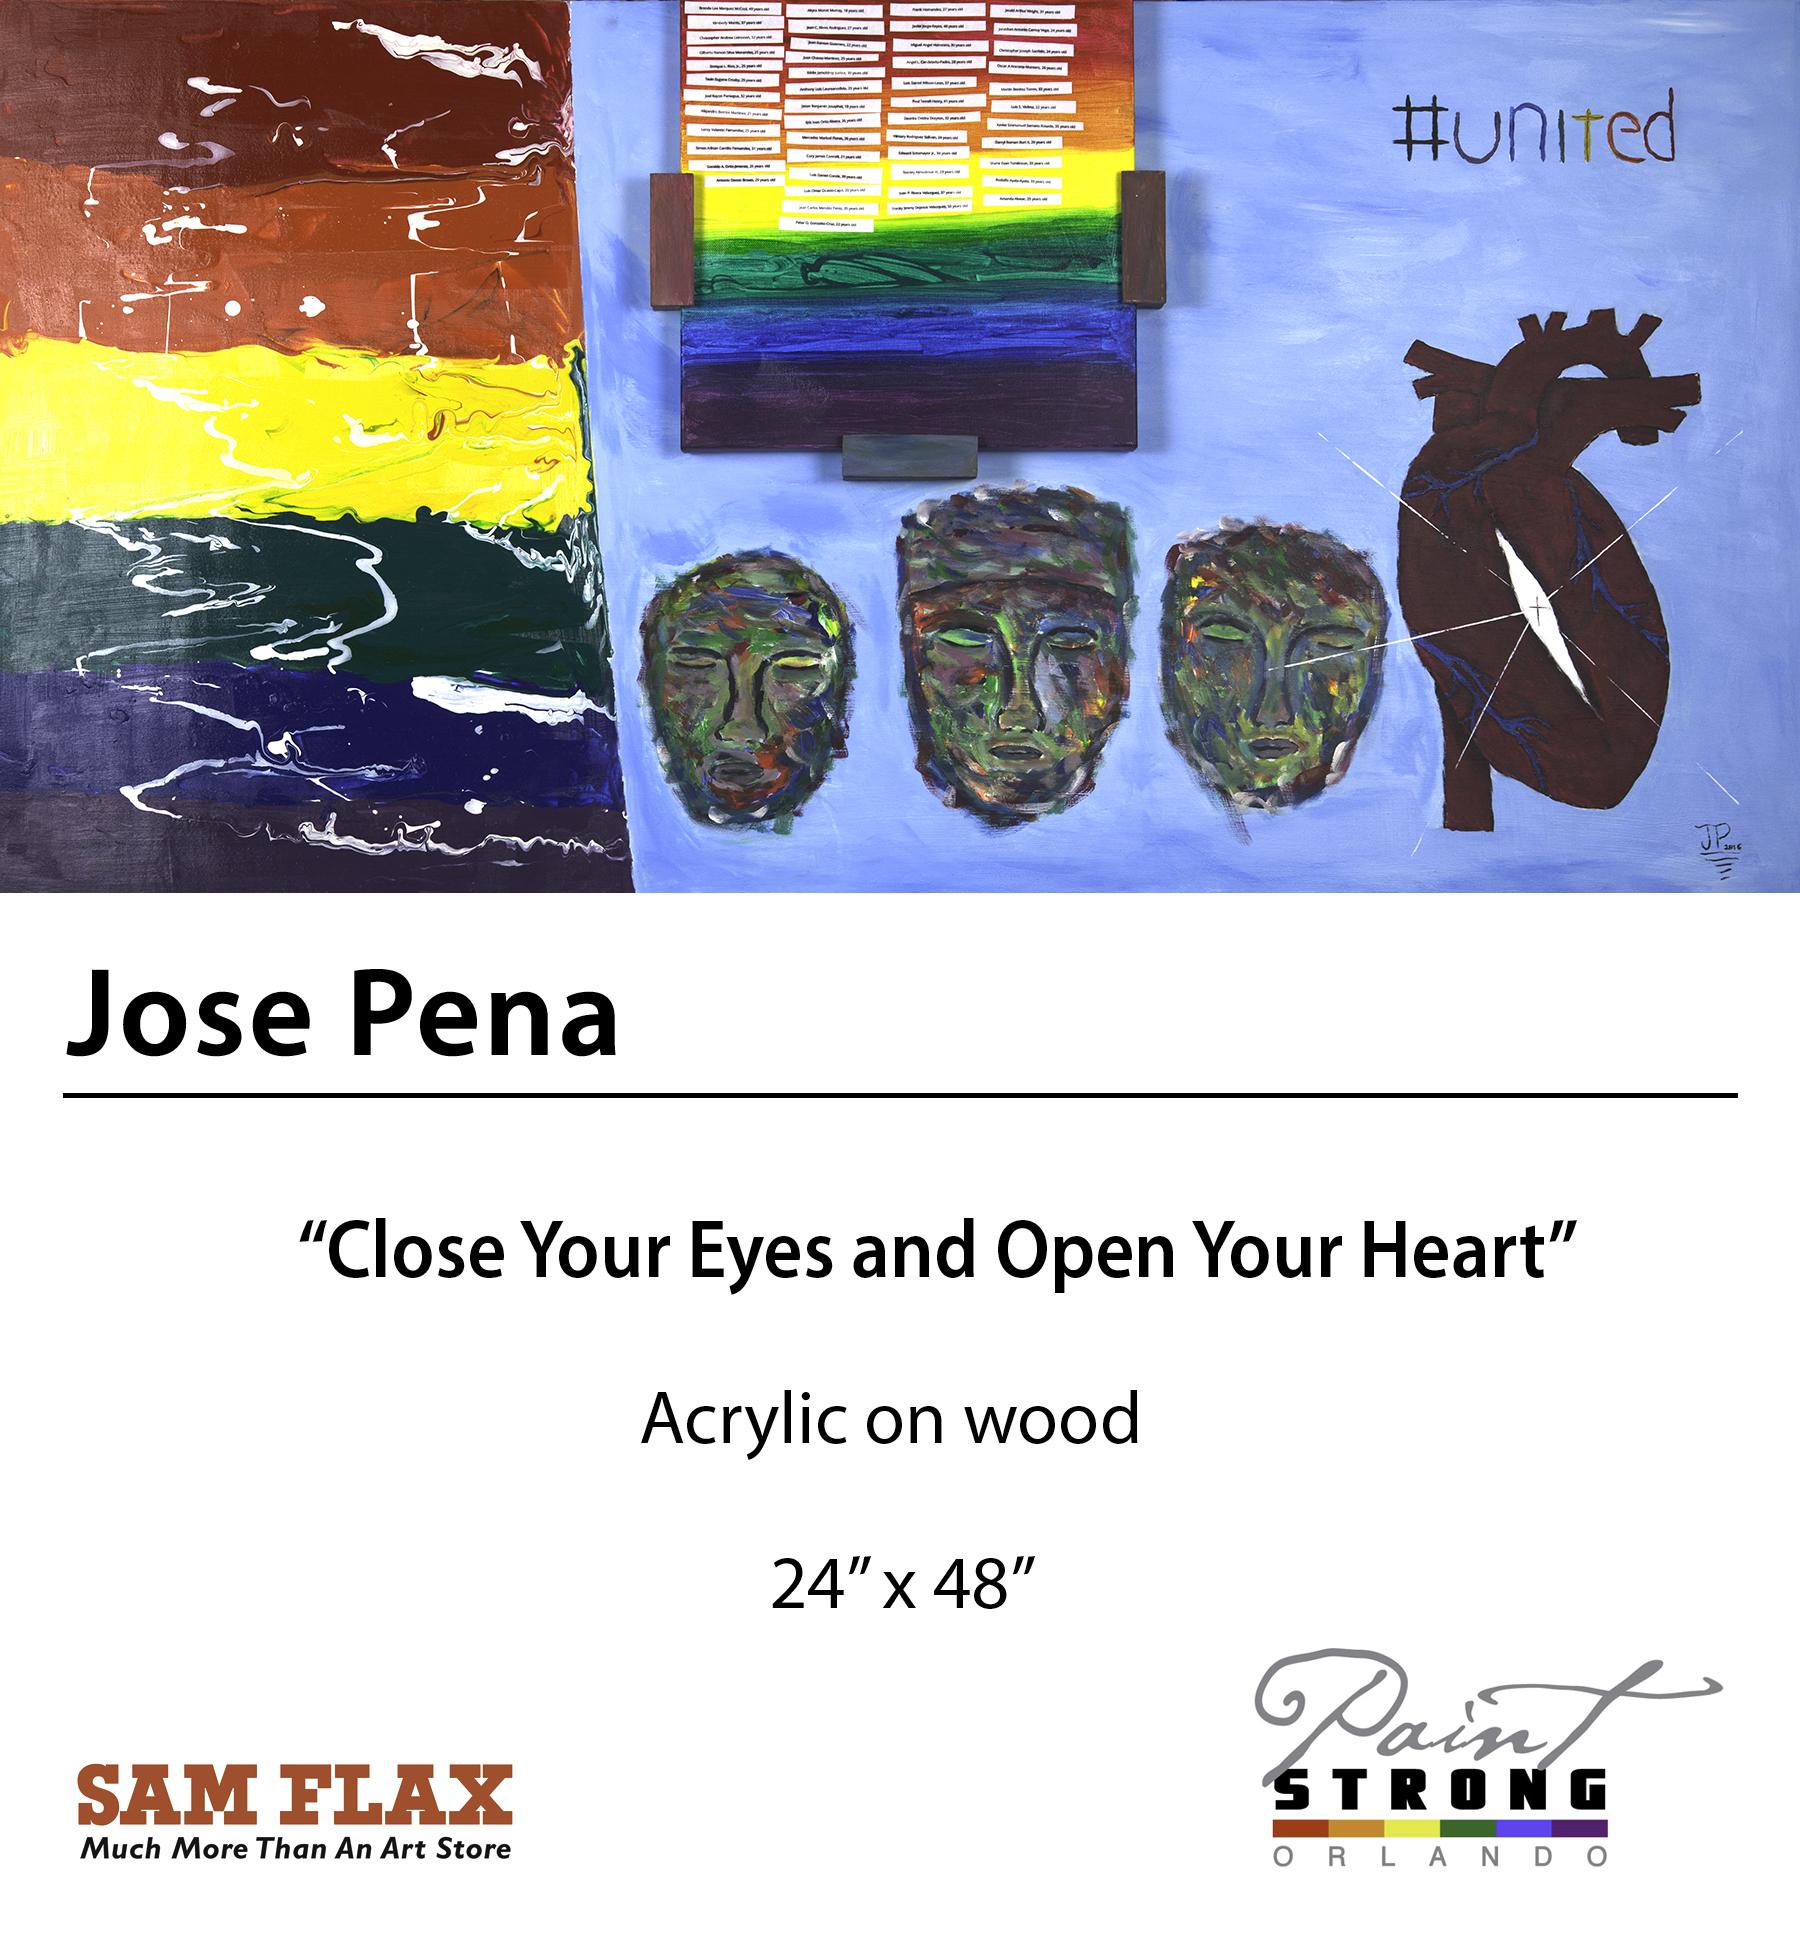 Jose Pena